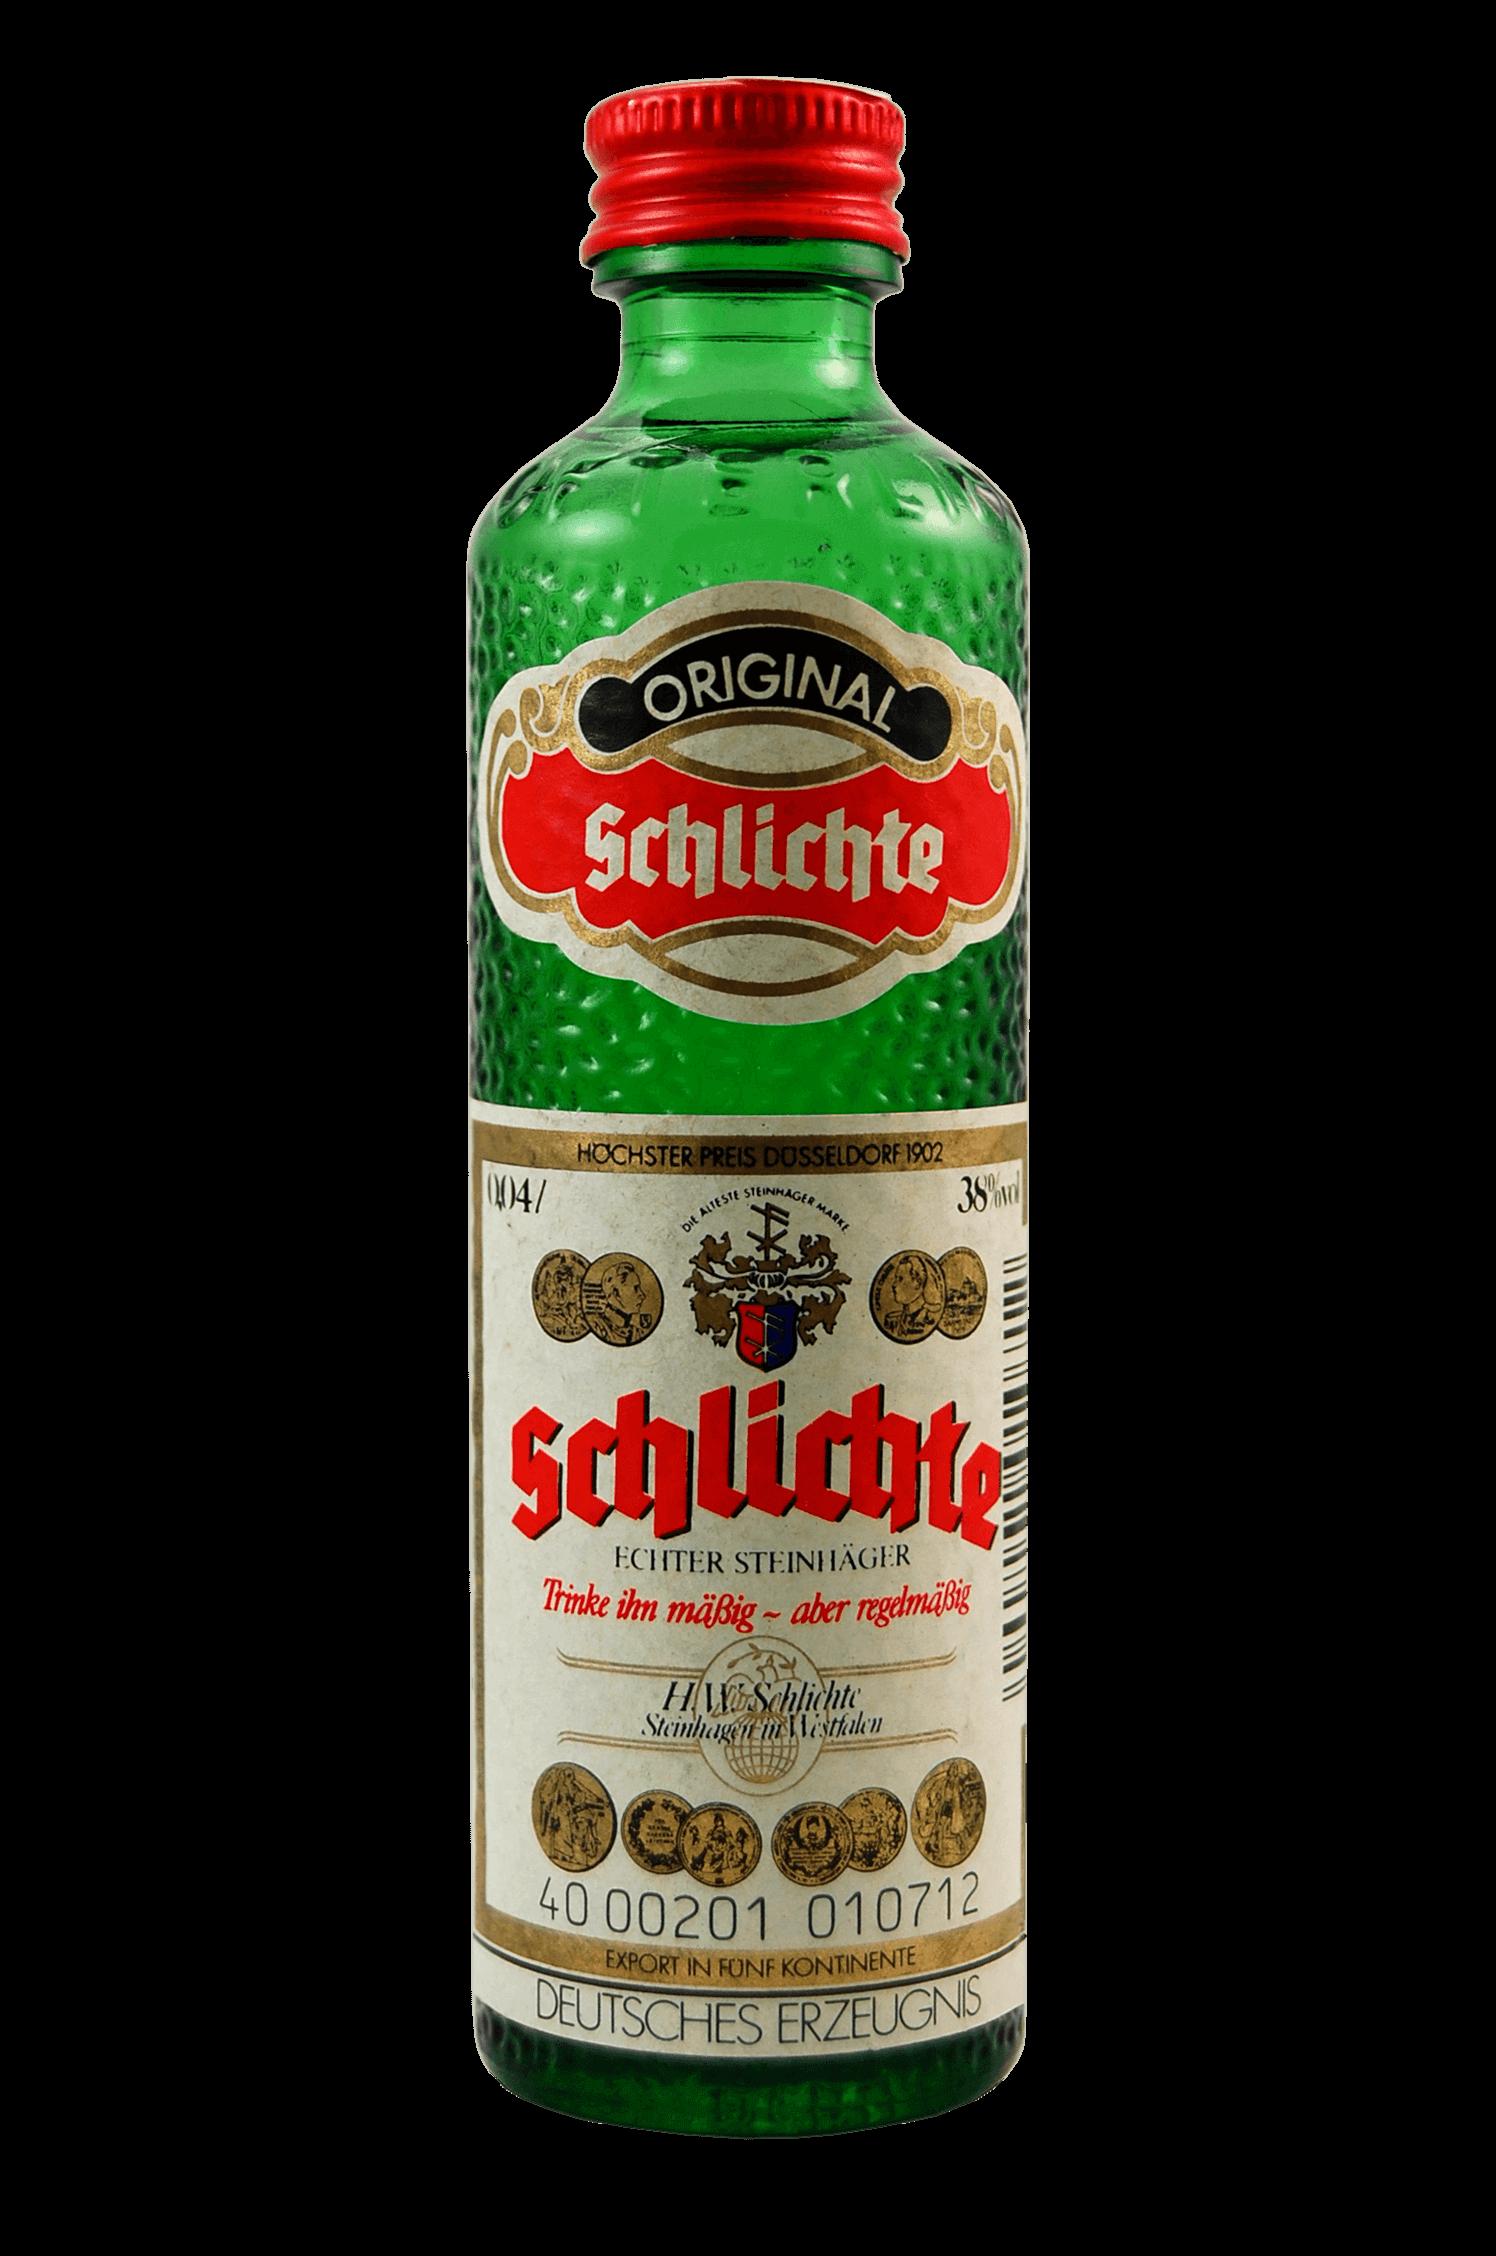 Original Schlichte